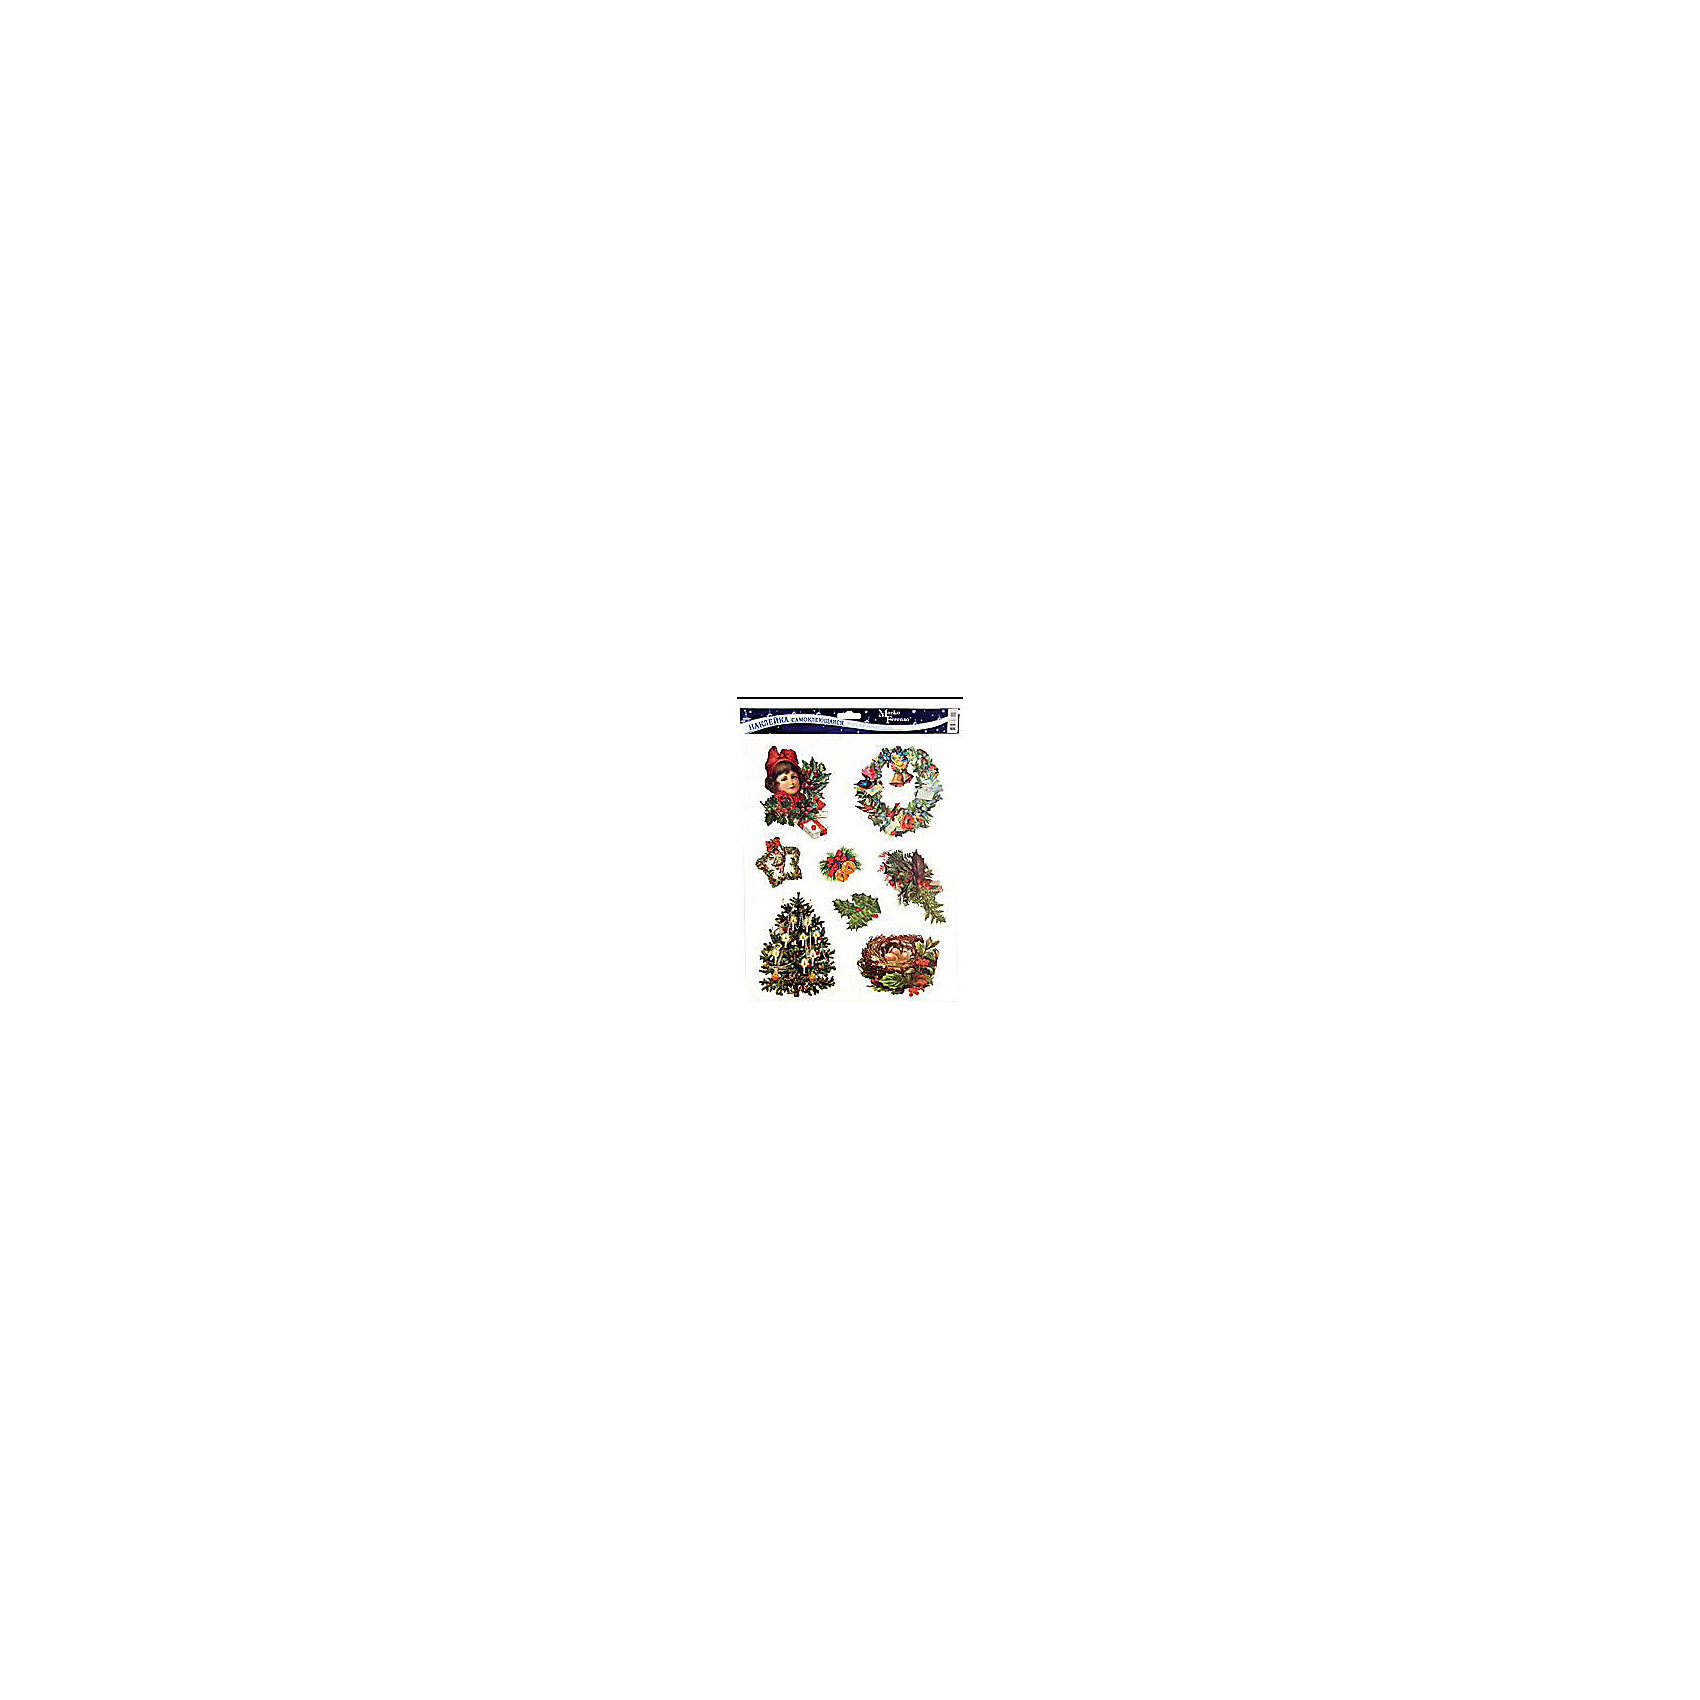 Наклейка на стекло Новогодняя 30*42 см в ассортименте, Marko FerenzoНаклейка на стекло Новогодняя, Marko Ferenzo, замечательно украсит Ваш интерьер и создаст праздничное новогоднее настроение. В комплекте восемь красочных наклеек с изображениями нарядных елочек, рождественских веночков и других новогодних атрибутов. Прочно крепятся к стеклу с помощью прозрачной клейкой пленки, на которую нанесены рисунки. В ассортименте наклейки с разным дизайном.<br><br>Дополнительная информация:<br><br>- В комплекте: 8 шт.<br>- Материал: ПВХ пленка.<br>- Размер листа с наклейками: 30 х 42 см.<br>- Вес: 200 гр. <br><br>Наклейку на стекло Новогодняя, Marko Ferenzo, можно купить в нашем интернет-магазине.<br><br>ВНИМАНИЕ! Данный артикул имеется в наличии в разных вариантах исполнения. Заранее выбрать определенный вариант нельзя. При заказе нескольких комплектов наклеек возможно получение одинаковых.<br><br>Ширина мм: 300<br>Глубина мм: 420<br>Высота мм: 25<br>Вес г: 625<br>Возраст от месяцев: 36<br>Возраст до месяцев: 2147483647<br>Пол: Унисекс<br>Возраст: Детский<br>SKU: 4418877